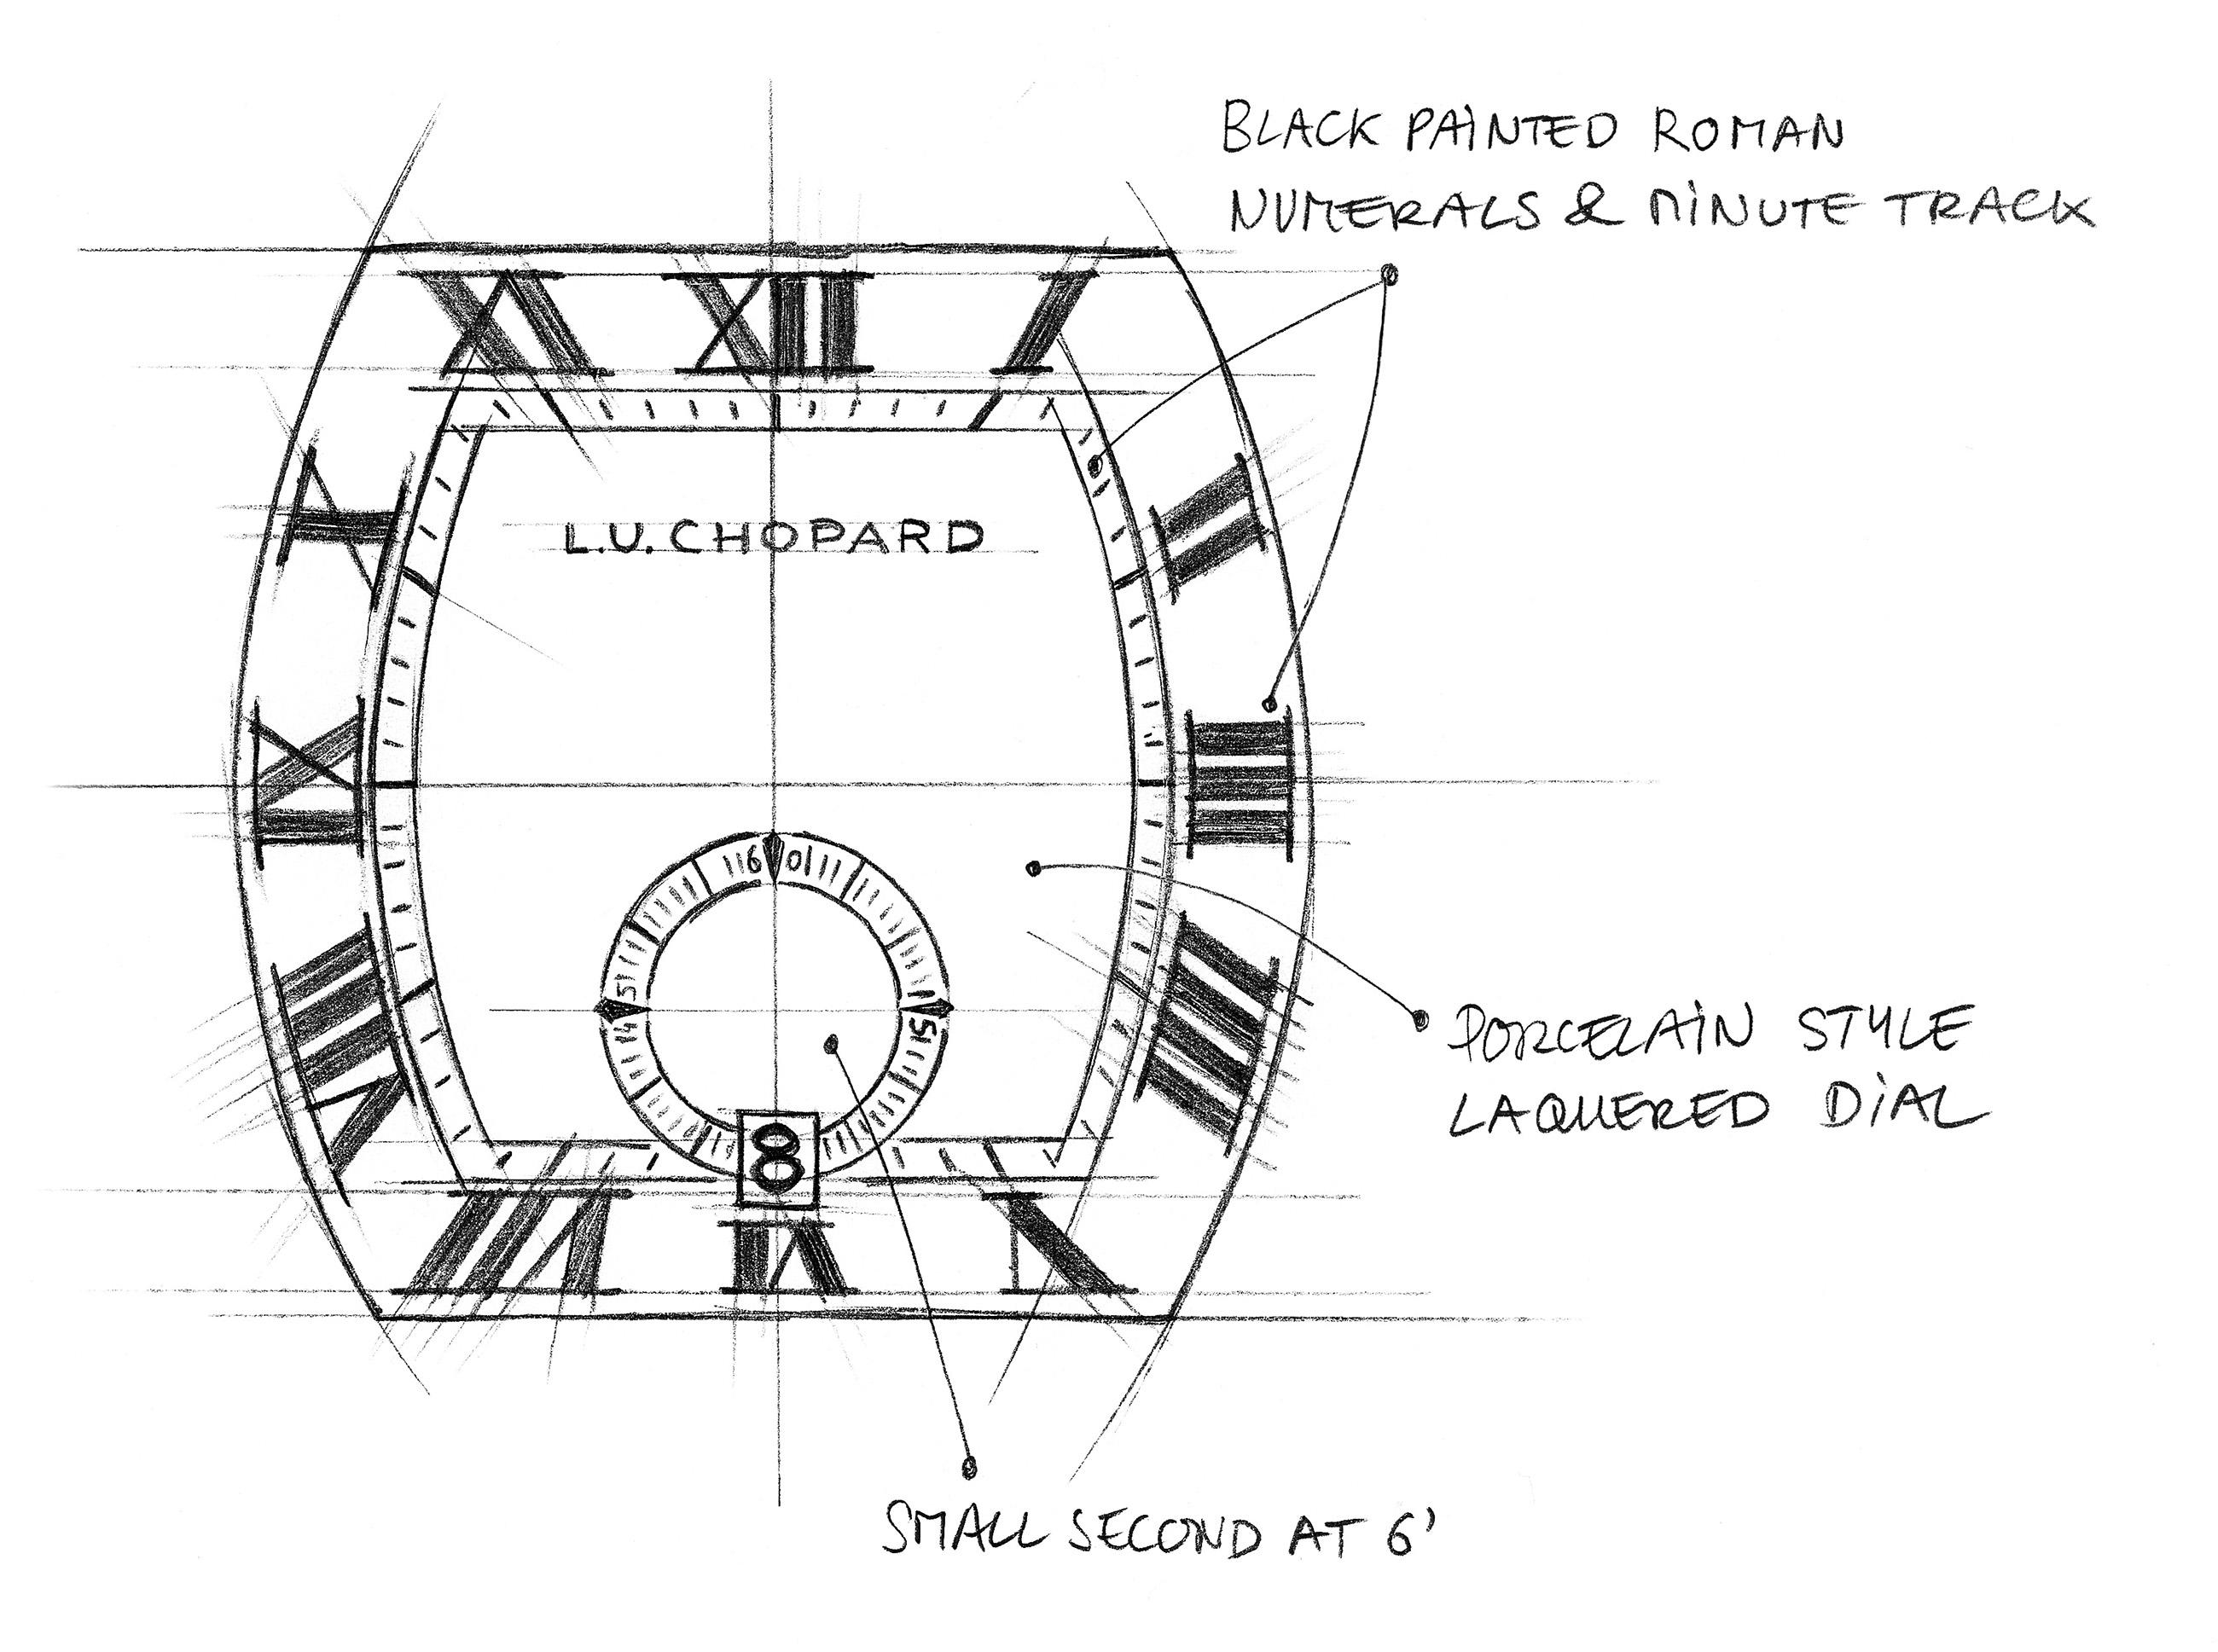 L.U.C Tonneau Heritage - Sketch 2 - Porcelain style dial copy